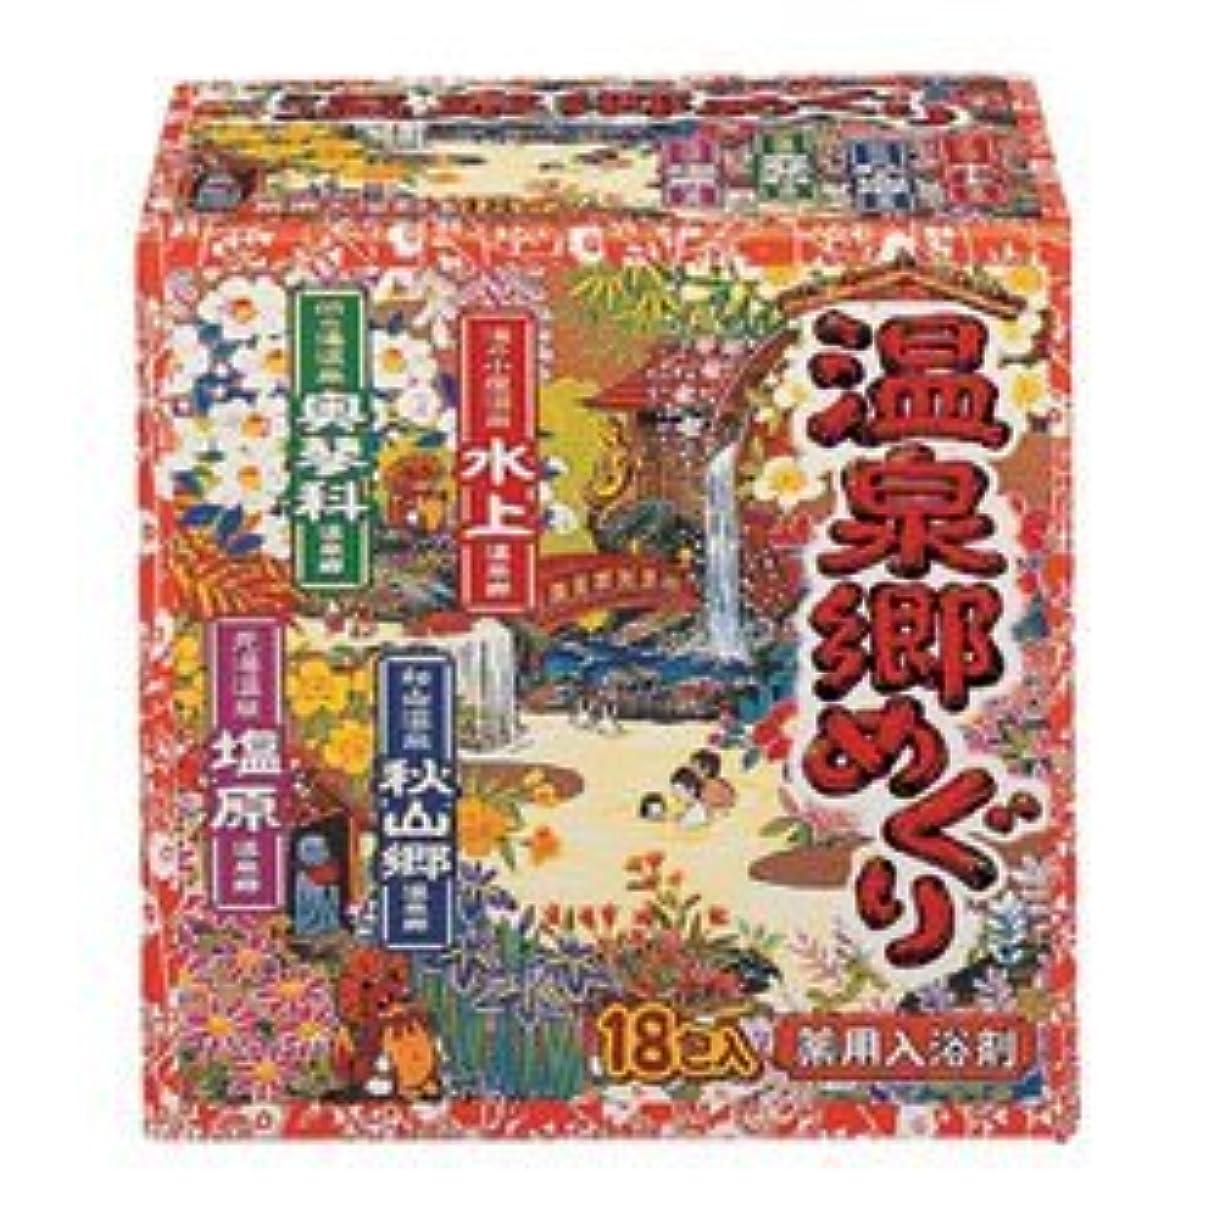 束ねるブルームマウンド【アース製薬】温泉郷めぐり 入浴剤 18包入 ×10個セット